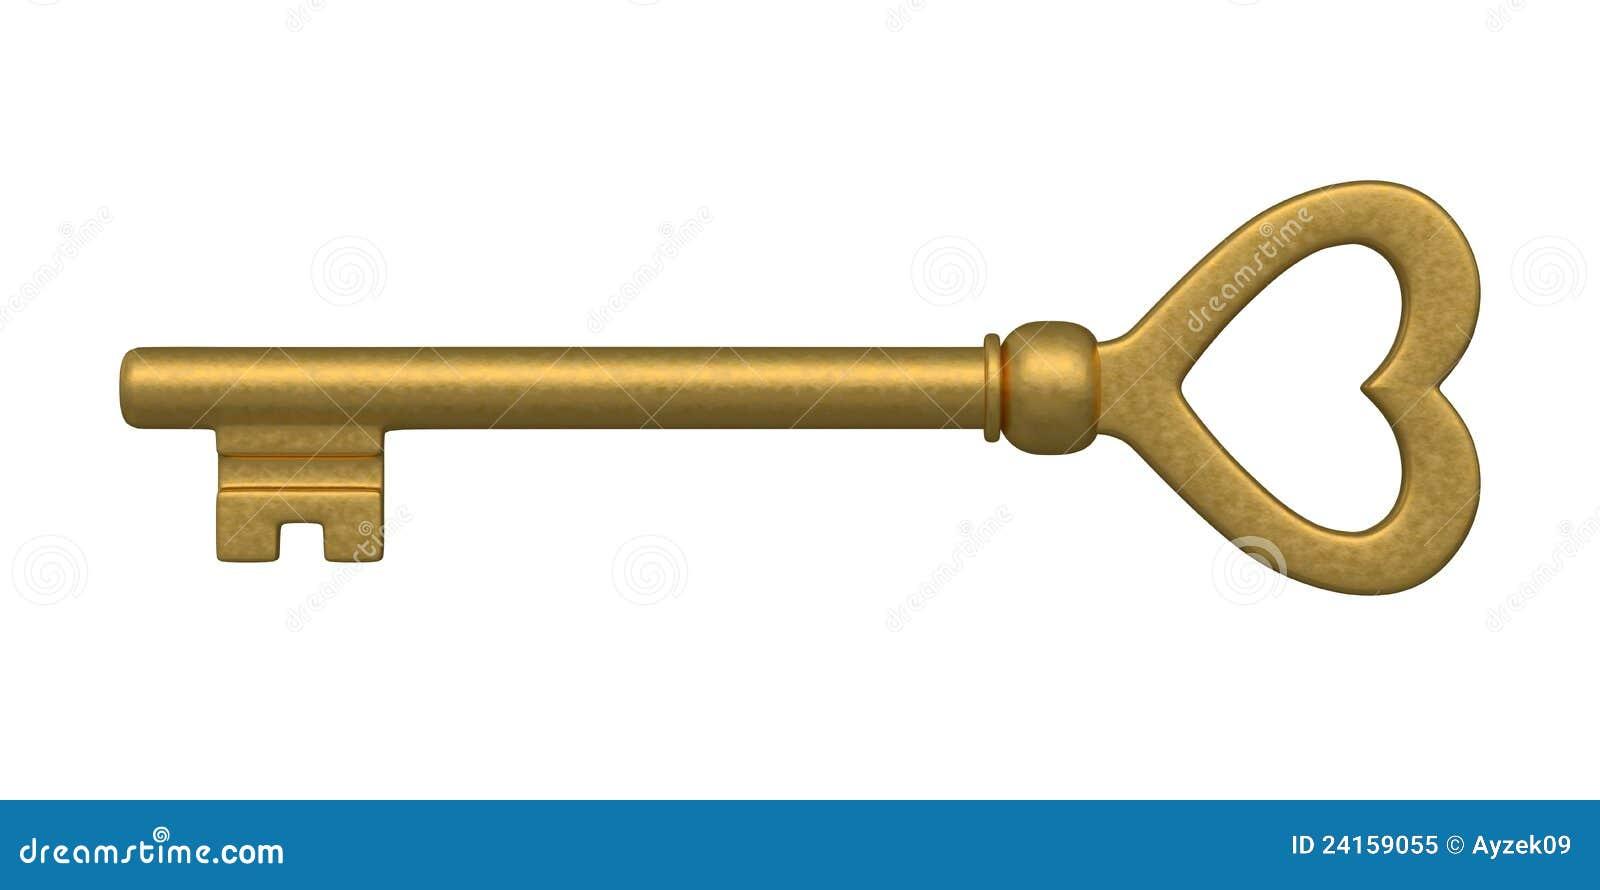 χρυσός διαμορφωμένος πλήκτρο σκελετός καρδιών